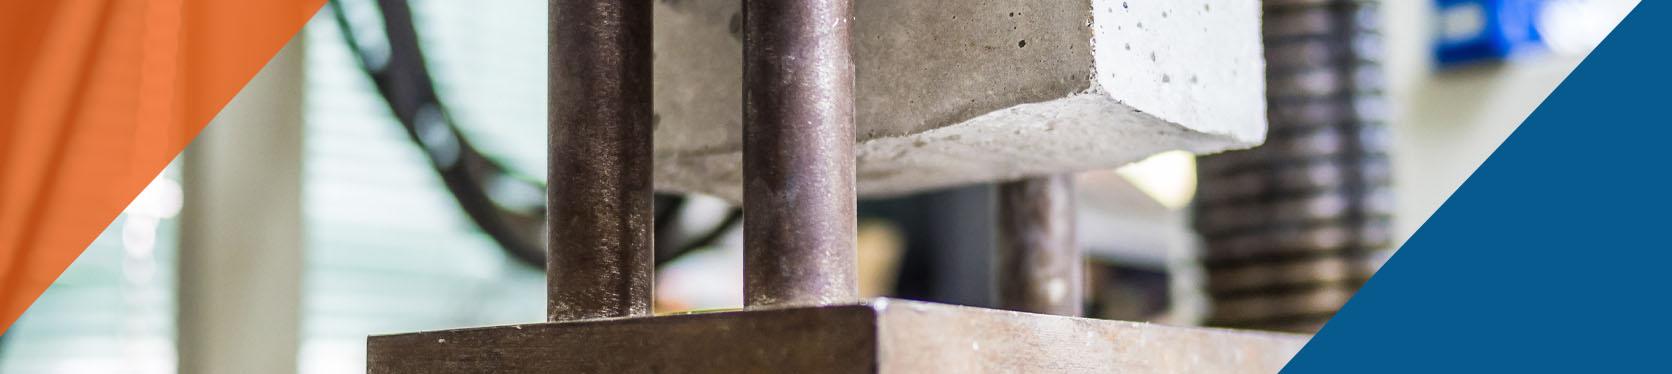 nl-beneluxscientific-materiaalkarakterisatie-banner